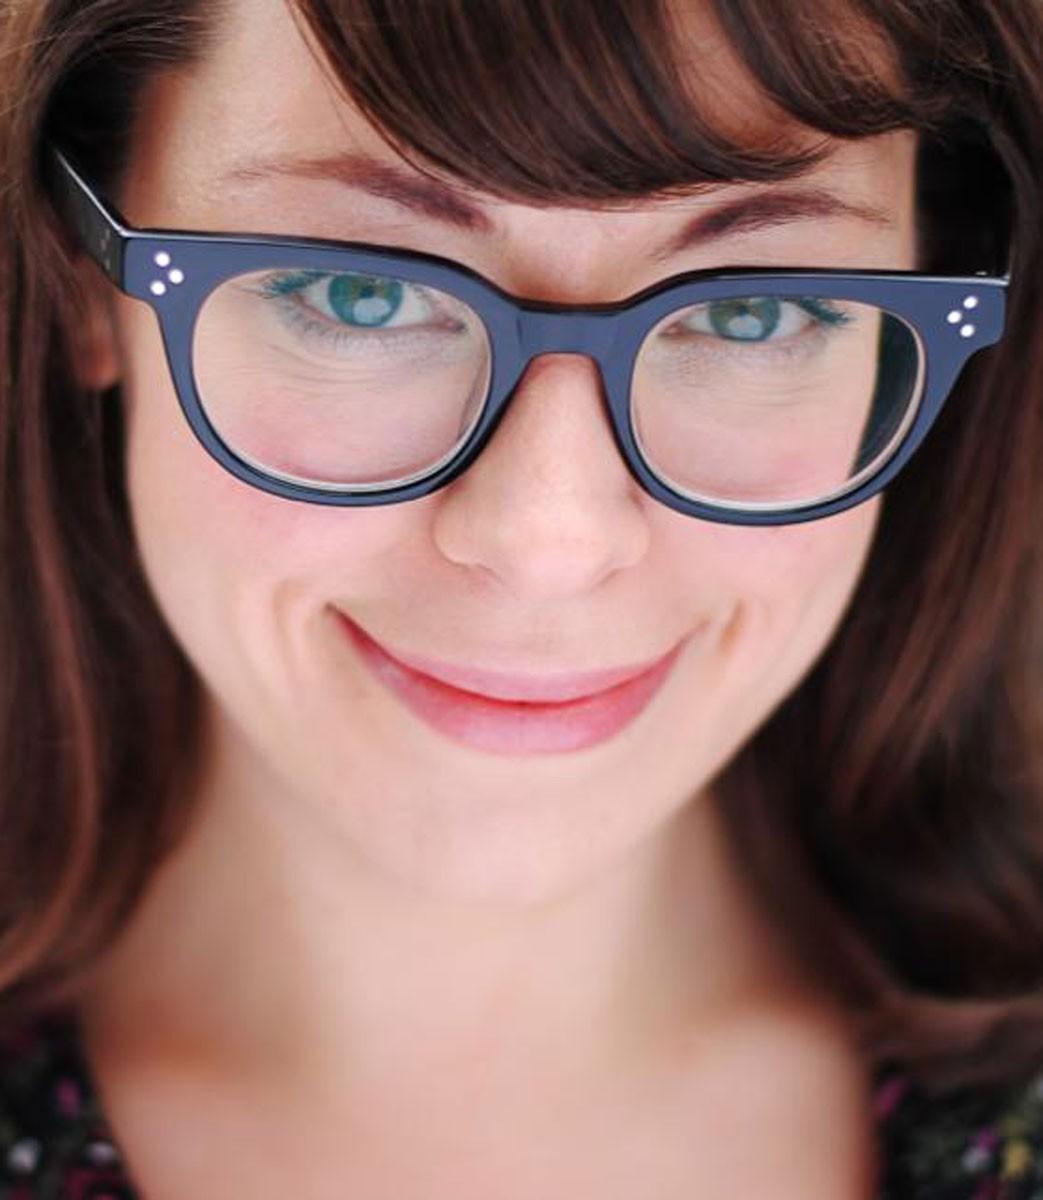 Allison Guinn